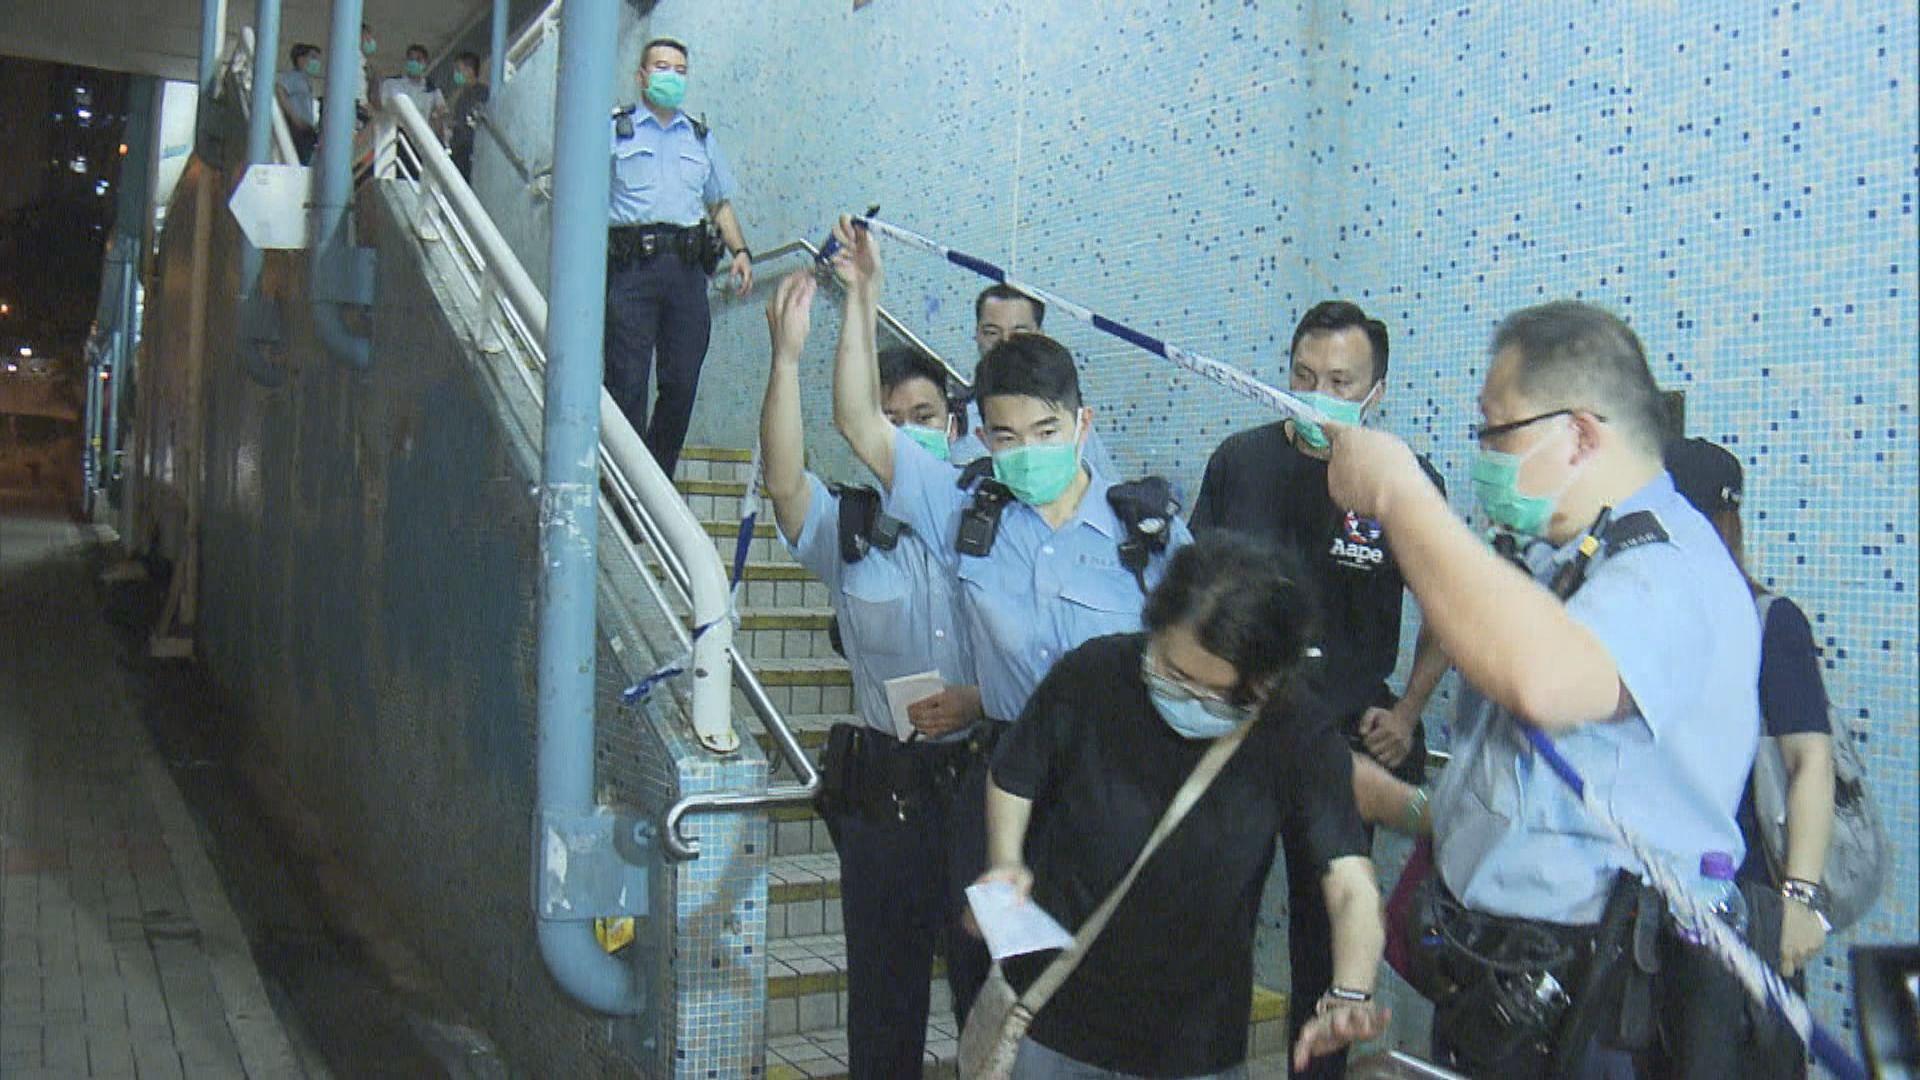 樂富連儂牆衝突多人傷 警拘至少十人